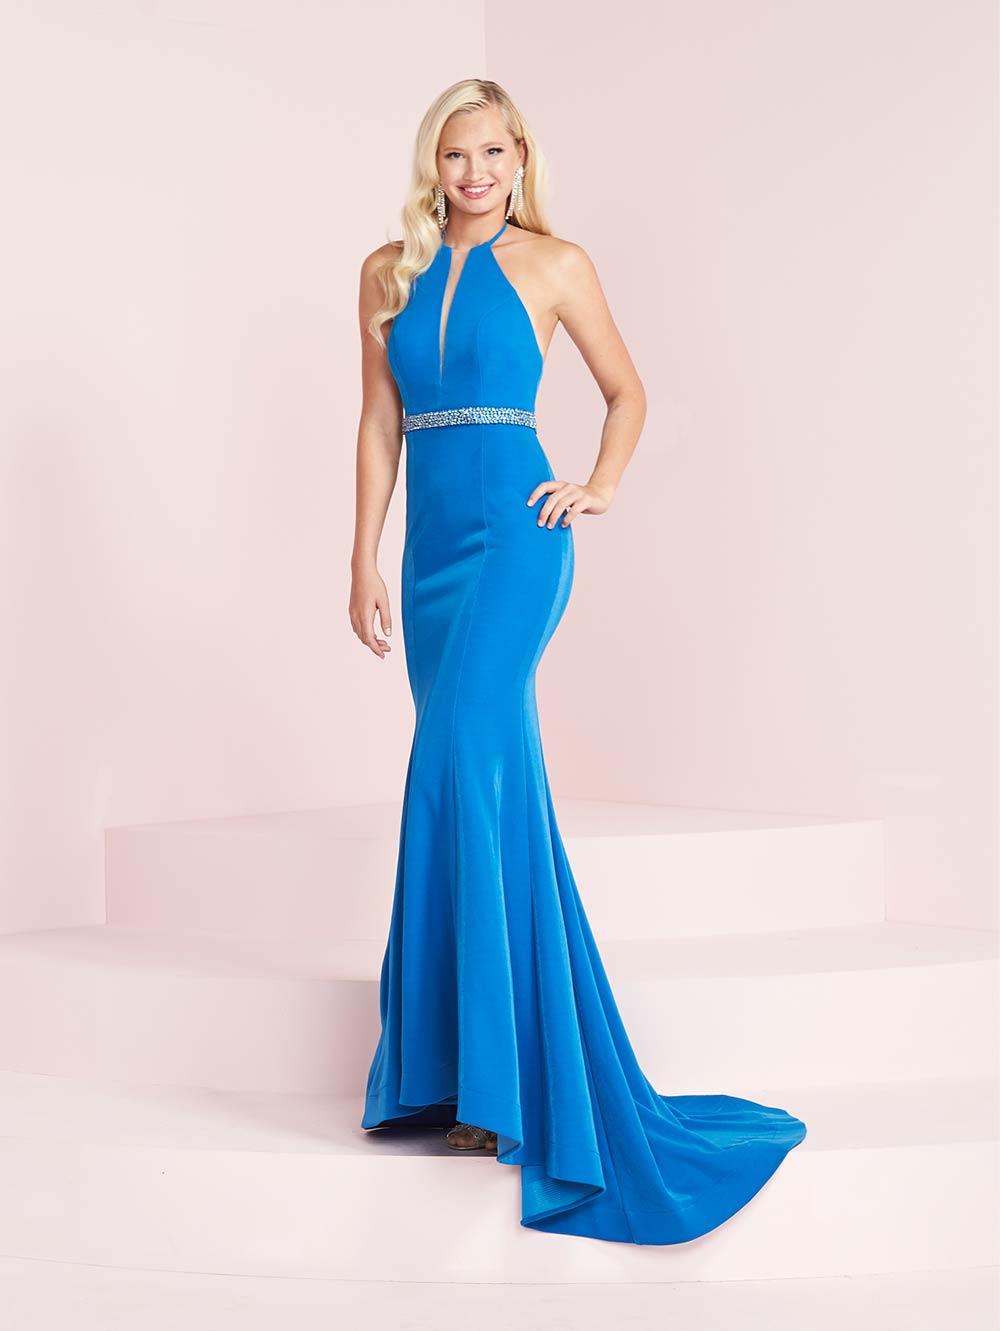 prom-dresses-jacquelin-bridals-canada-27578